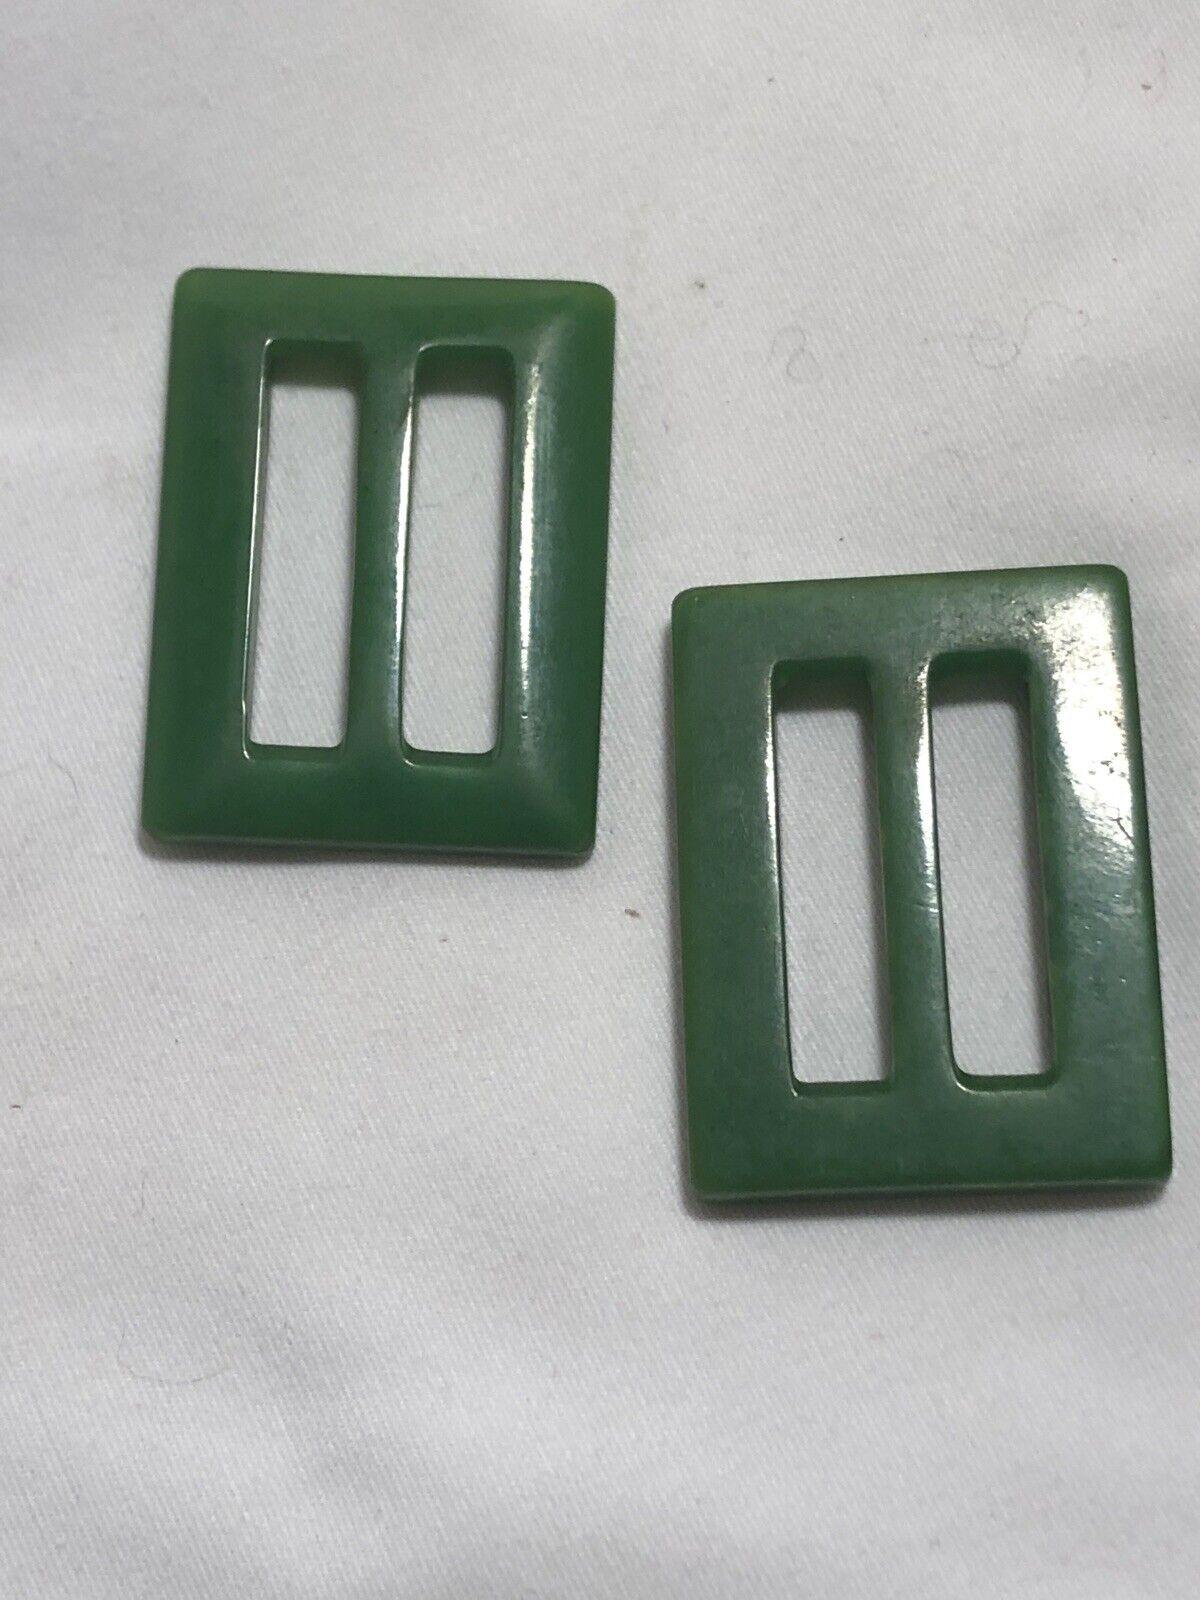 1950s GREEN BAKELITE BELT BUCKLES   - image 4